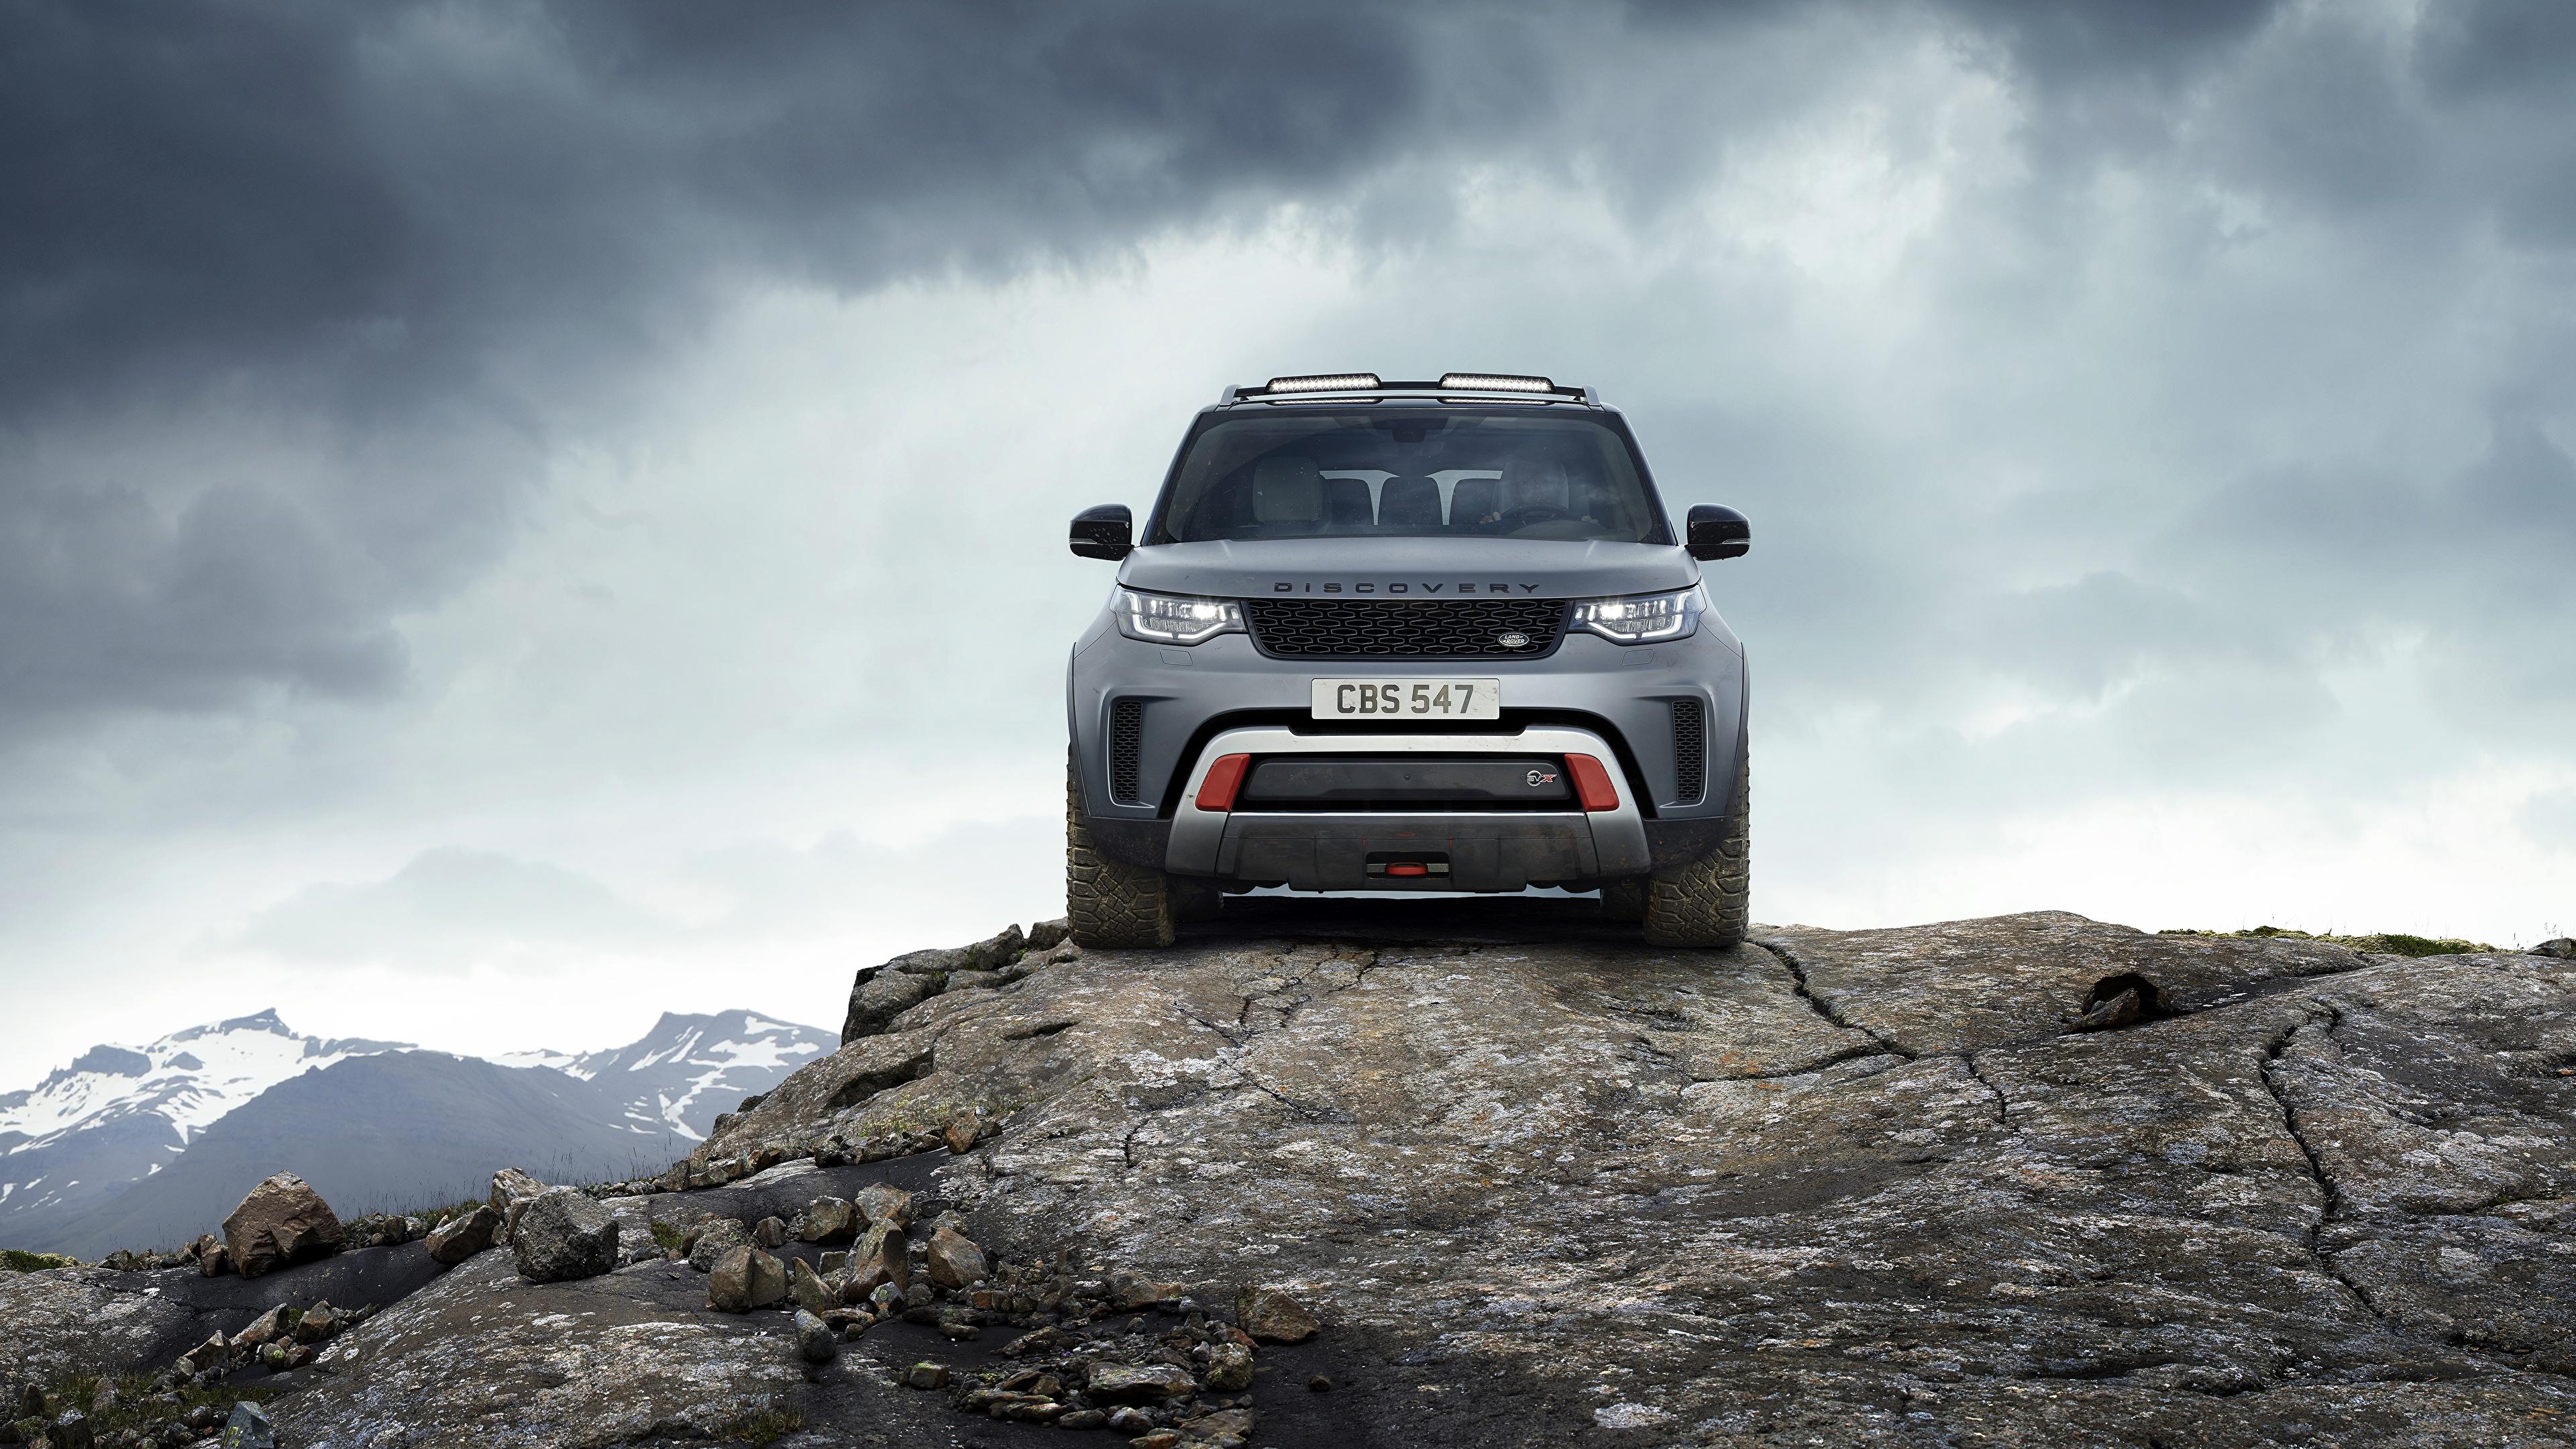 Фотографии Range Rover Внедорожник Discovery 4x4 2017 V8 SVX 525 скалы серая Камни Спереди Металлик Автомобили 3840x2160 Land Rover SUV Утес скале Скала Серый серые авто Камень машины машина автомобиль